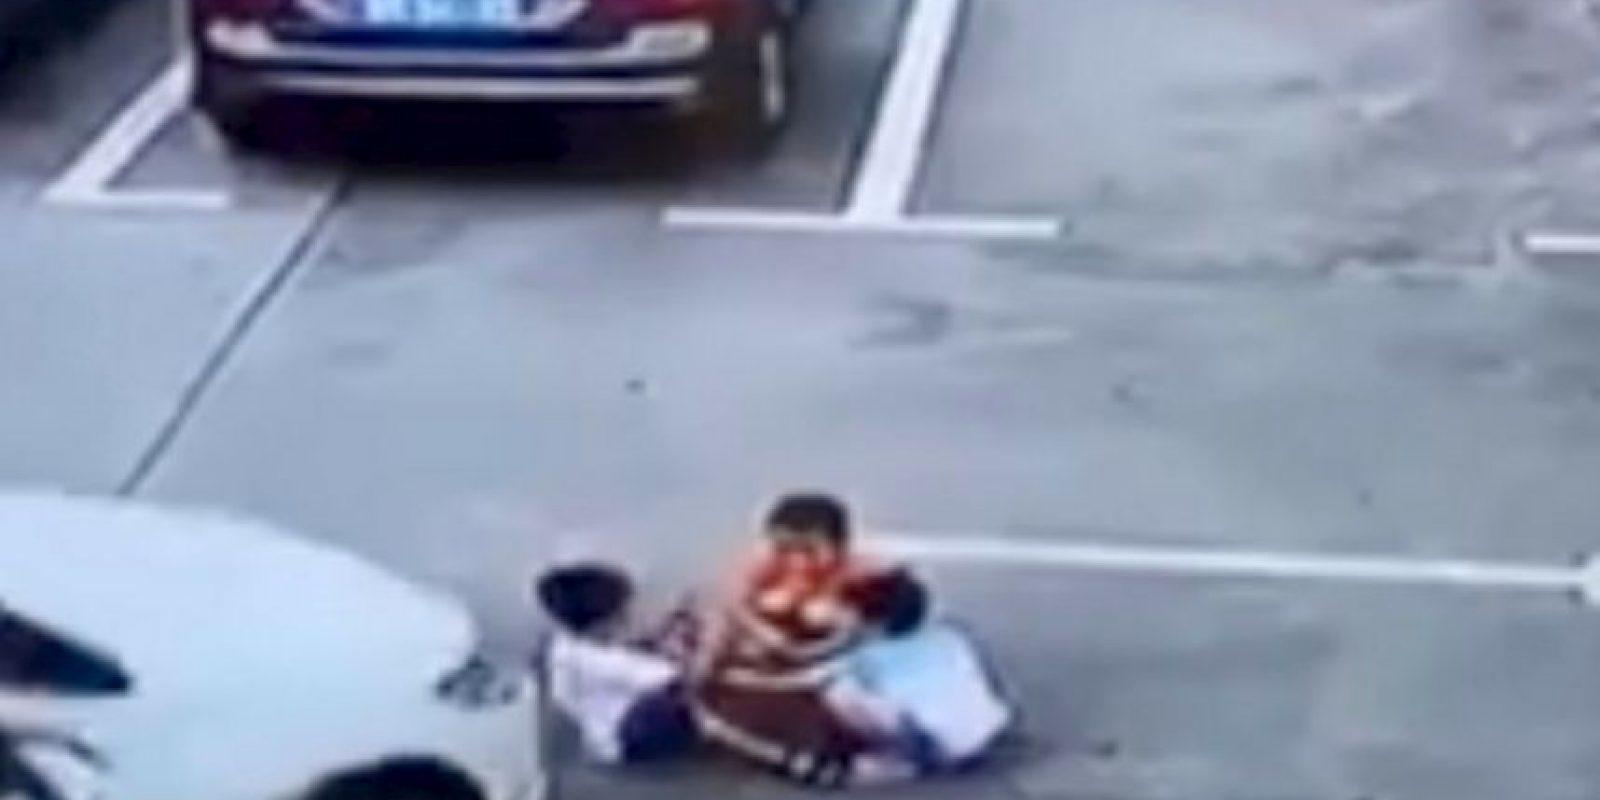 Captura Foto:Los menores jugaban en un estacionamiento